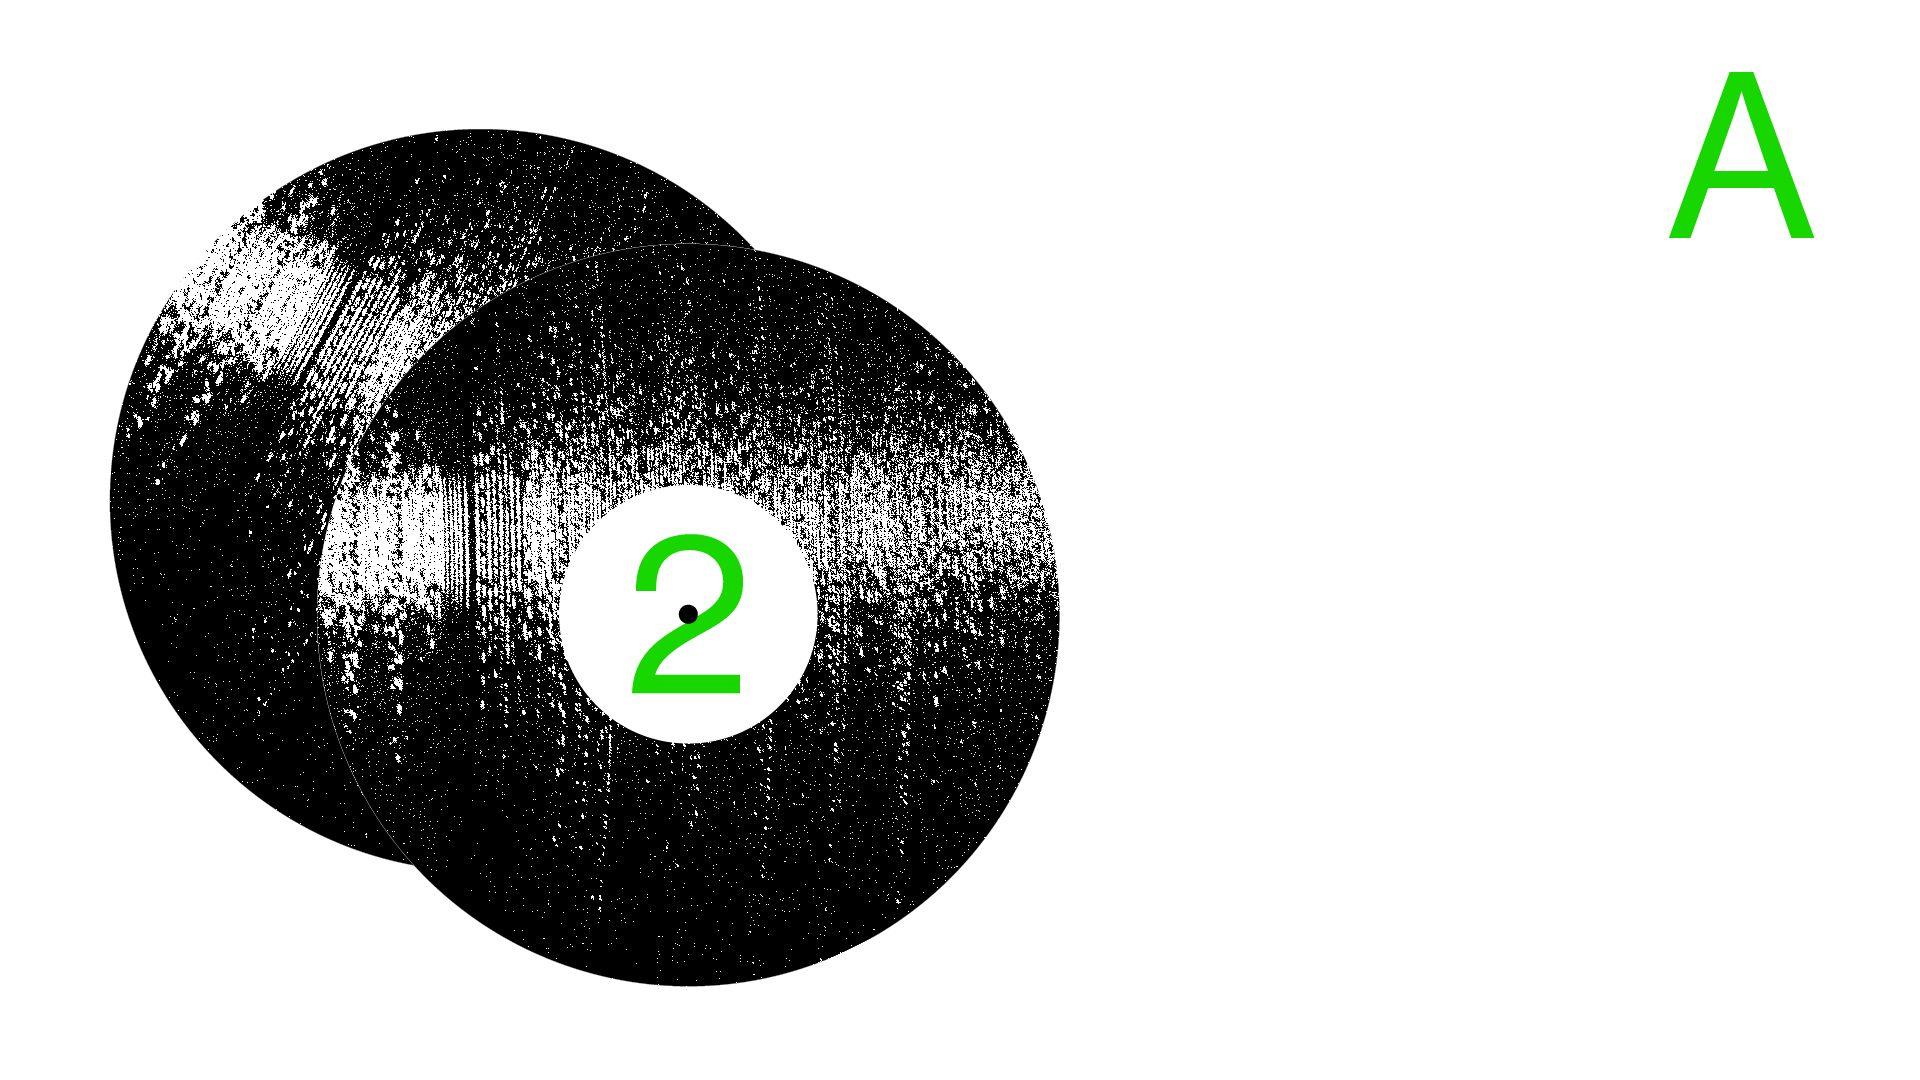 """2021 m. birželio 30 d. 20 val. """"Rasų radijo"""" platformoje išgirsite laidų ciklo """"Antistatika"""" antrąją dalį, kurioje bus pristatytas, aptartas ir ištransliuotas pilnas Arturo Bumšteino garso vaidinimo """"Audiokaukas"""" įrašas iš """"Operomanijos"""" vinilo plokštelių kolekcijos. Laidoje dalyvauja """"Operomanijos"""" prodiuserė Ana Ablamonova; muzikologas, filosofas ir renginių kuratorius Edvardas Šumila; garso menininkas, eksperimentinės elektroninės muzikos kūrėjas ir atlikėjas, taip pat ilgametis A. Bumšteino kūrybos bendražygis ir bobausių radimviečių žinovas Antanas Dombrovskij. Laidos vedėja – muzikologė Veronika Janatjeva.  Laidos kartojimo klausykite sekmadienį (07.04) 13 val."""